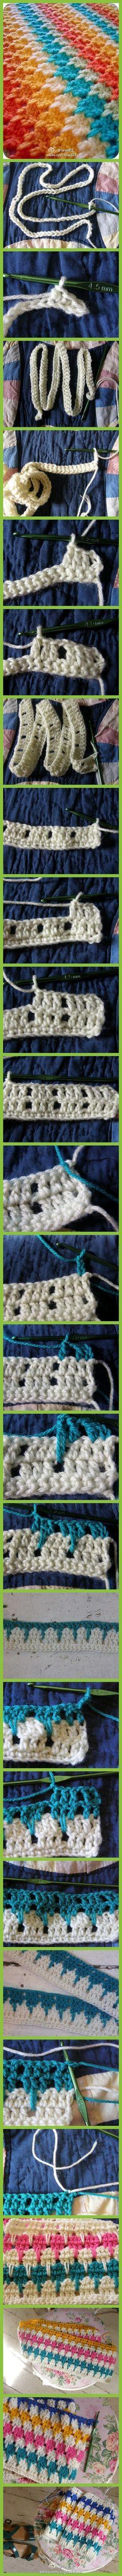 Pretty crochet blanket!.